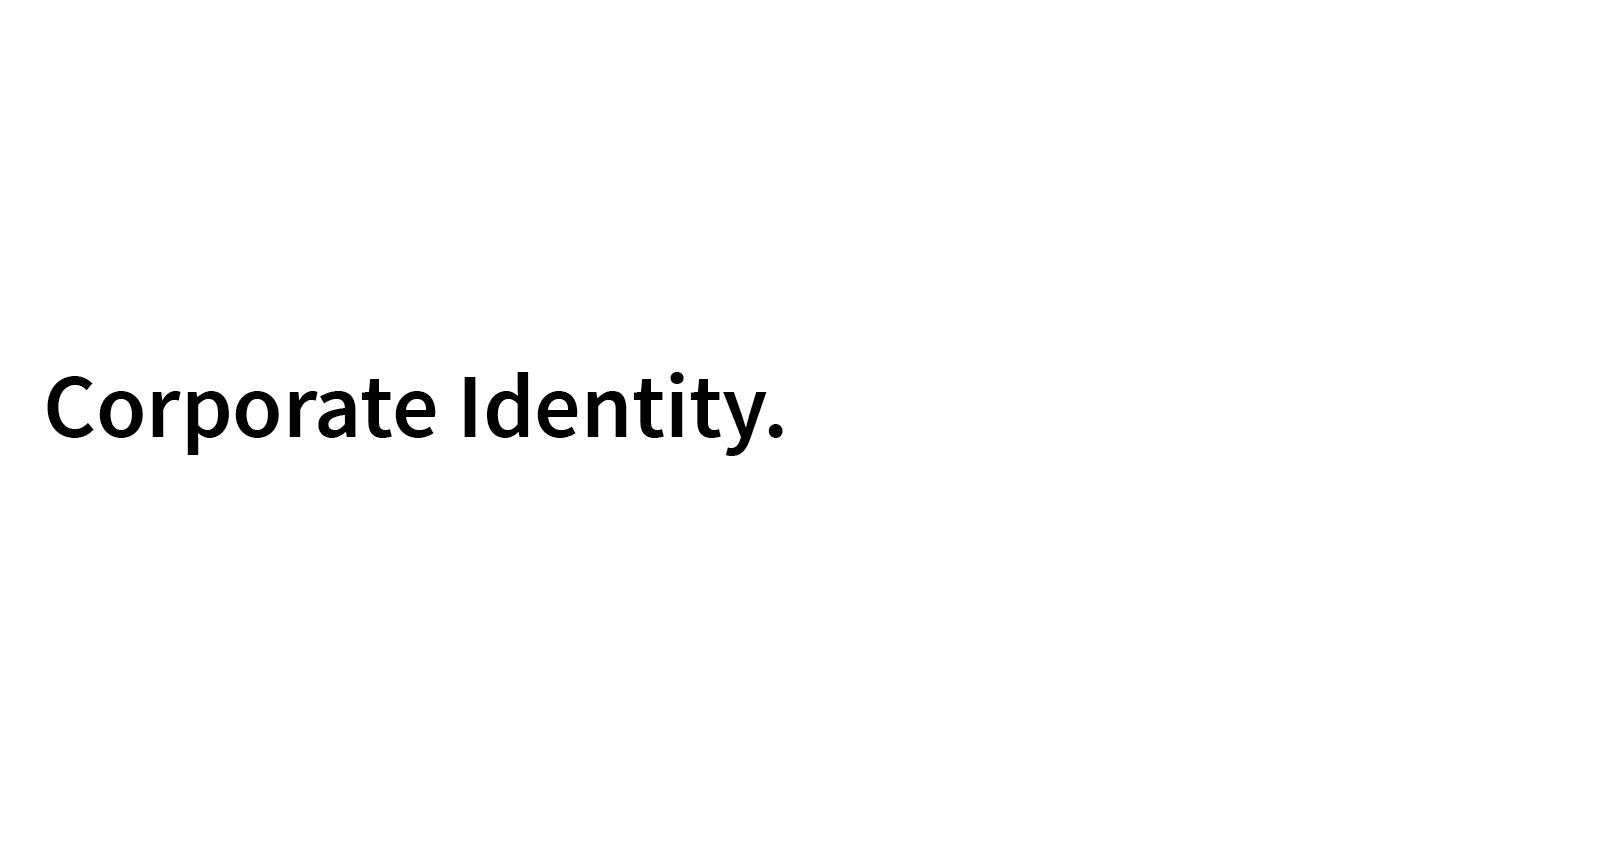 3-Tages-Workshop: Corporate Identity – entwickle die Identität deines Unternehmens